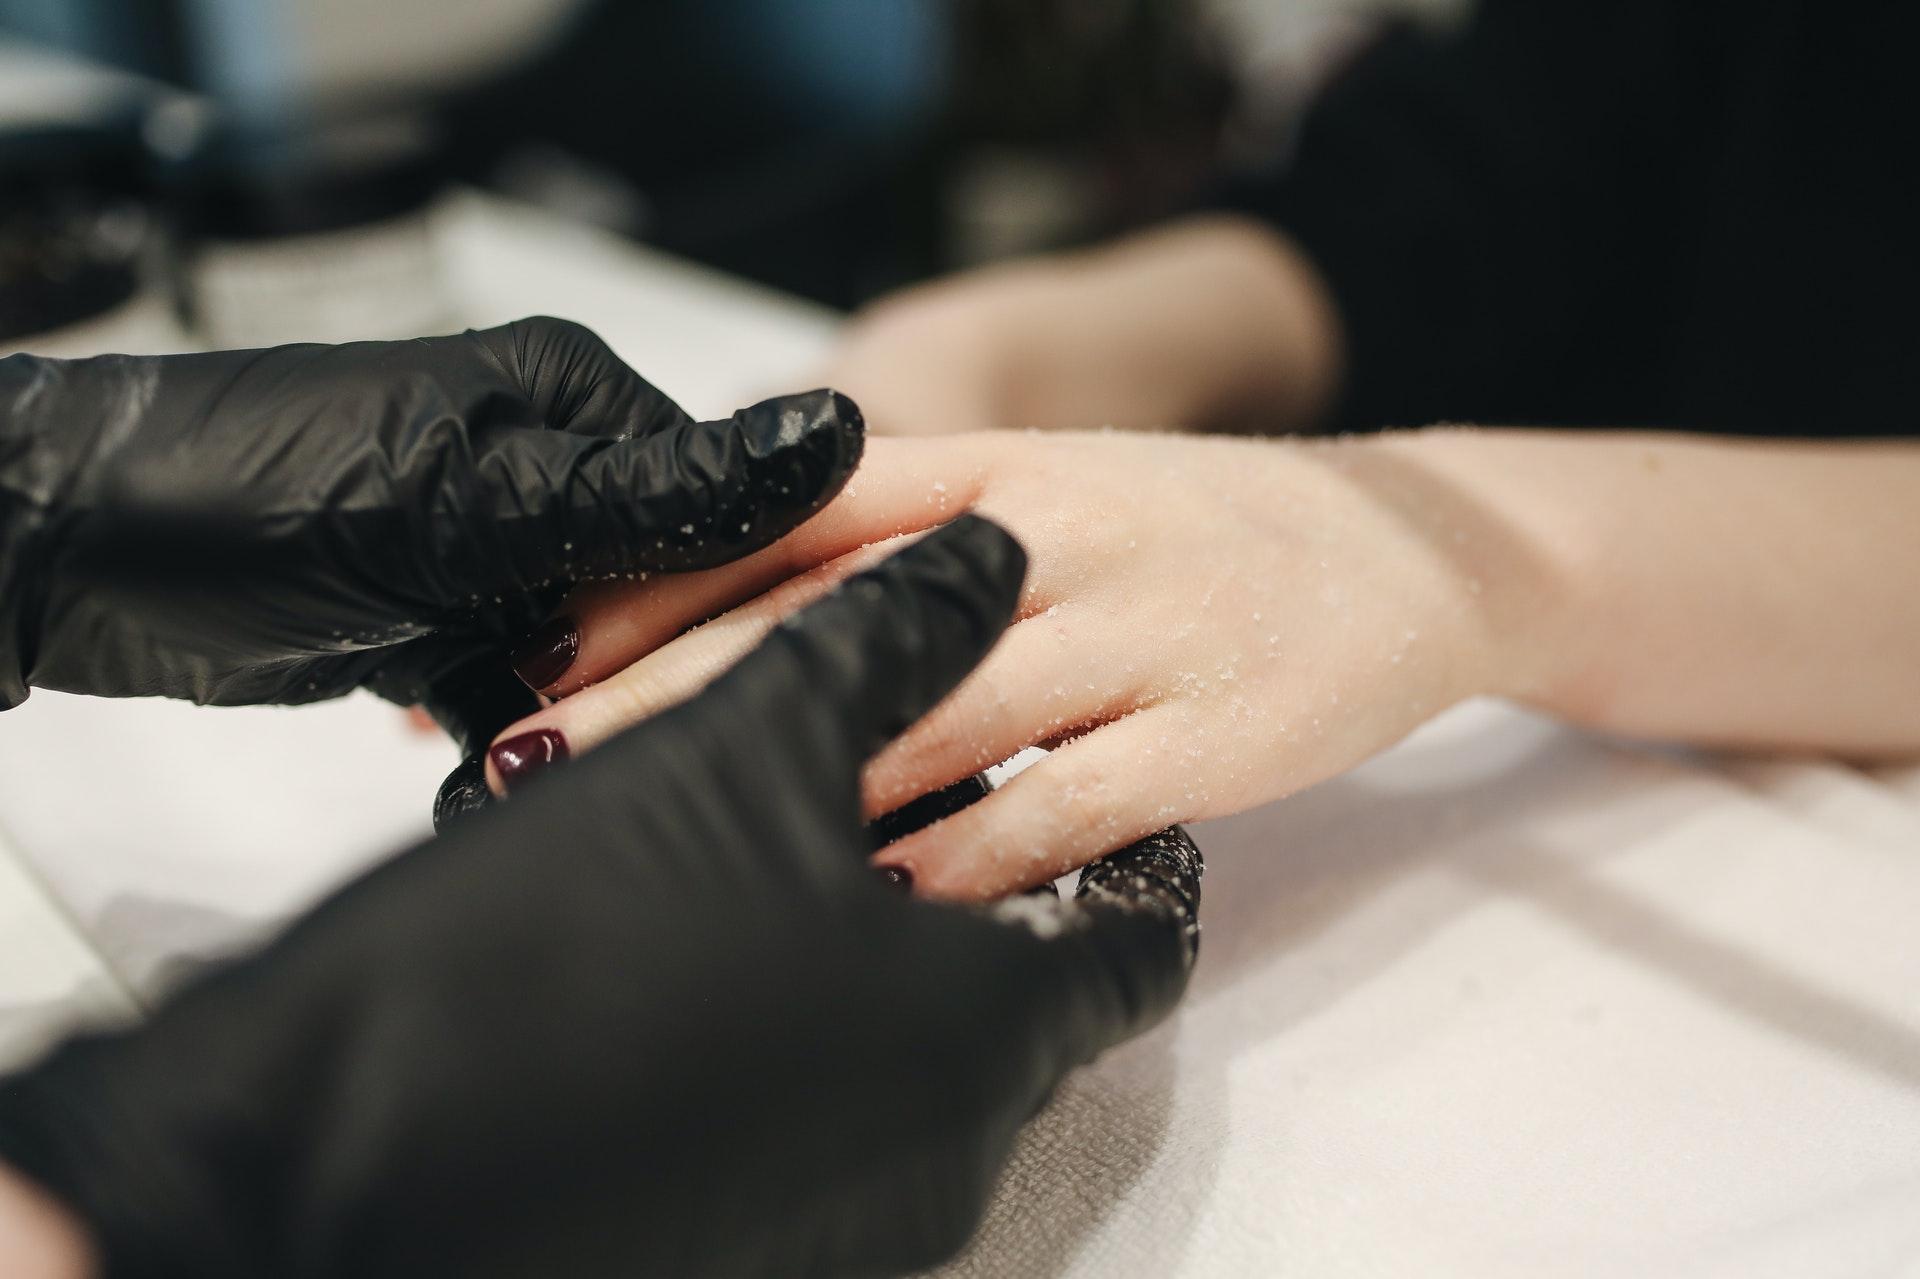 Imagem de uma mão fazendo massagem em outra mão. Imagem ilustrativa texto franquias baratas beleza 2022.